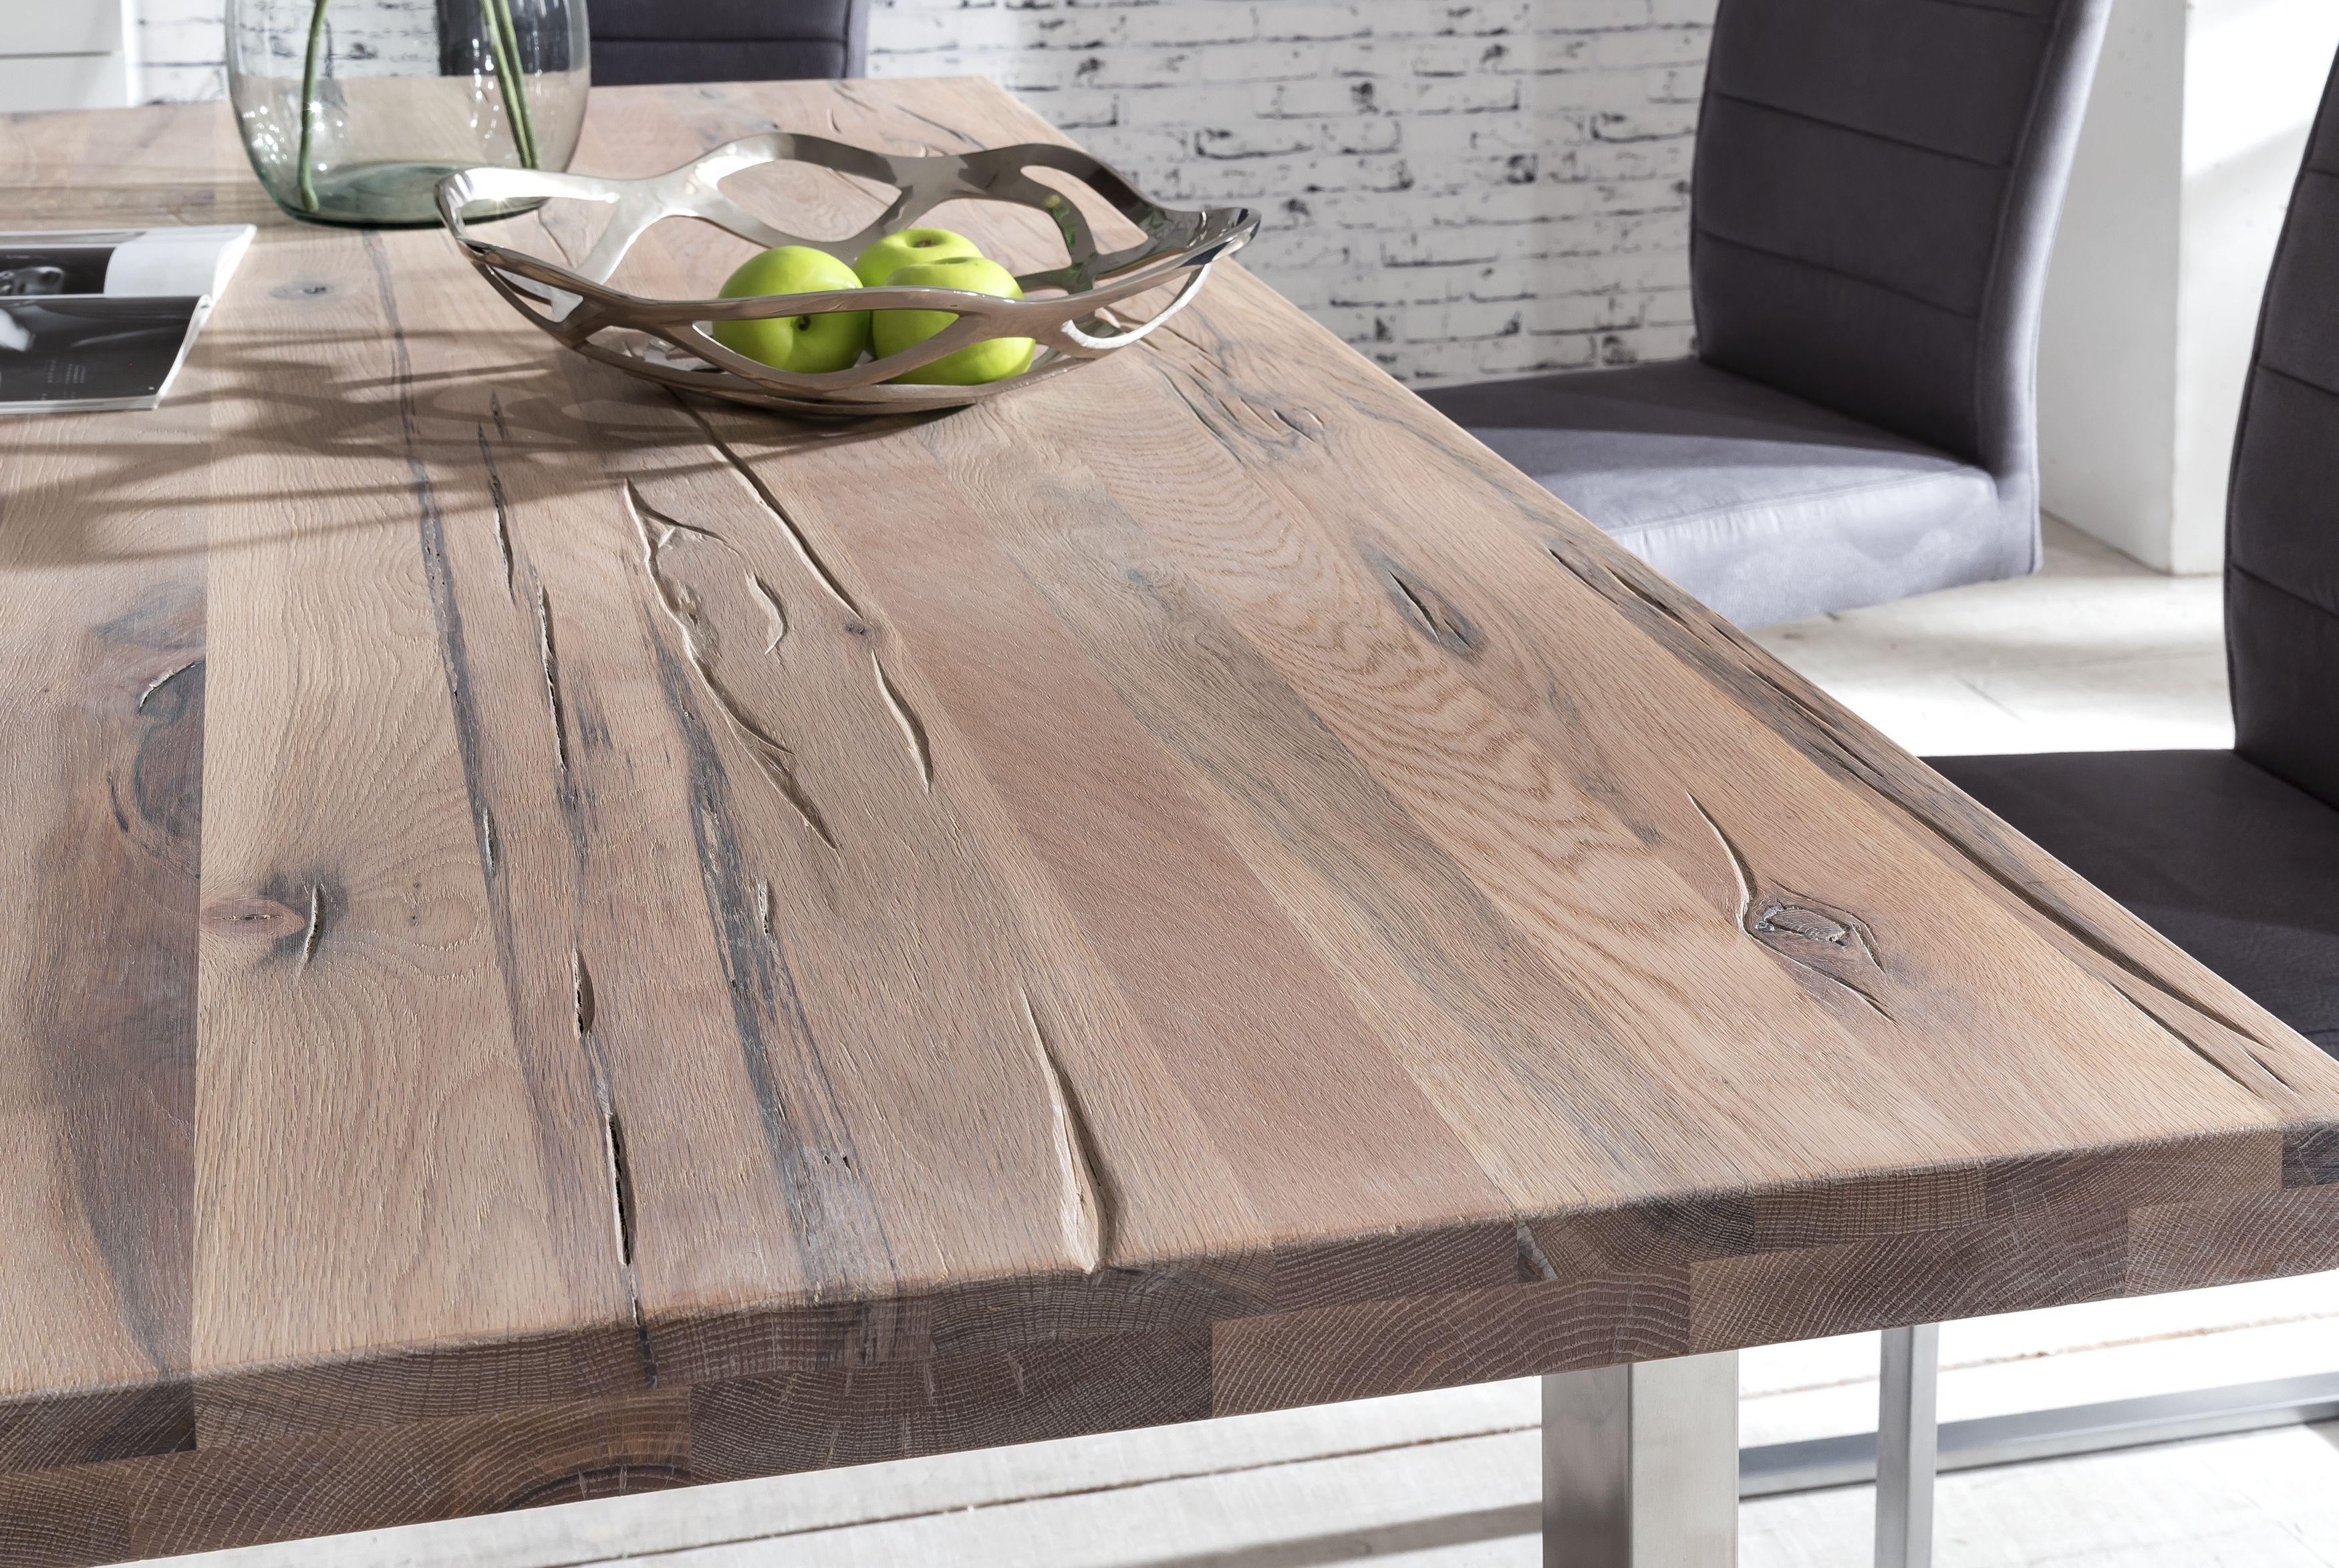 Tischplatte Aus Balkaneiche Weiss Gekalkt Bei Comnata Esstisch Finden Sie Weitere Wohnideen Und Einrichtungsideen Fur Esstisch Esstisch Holz Massiv Tisch